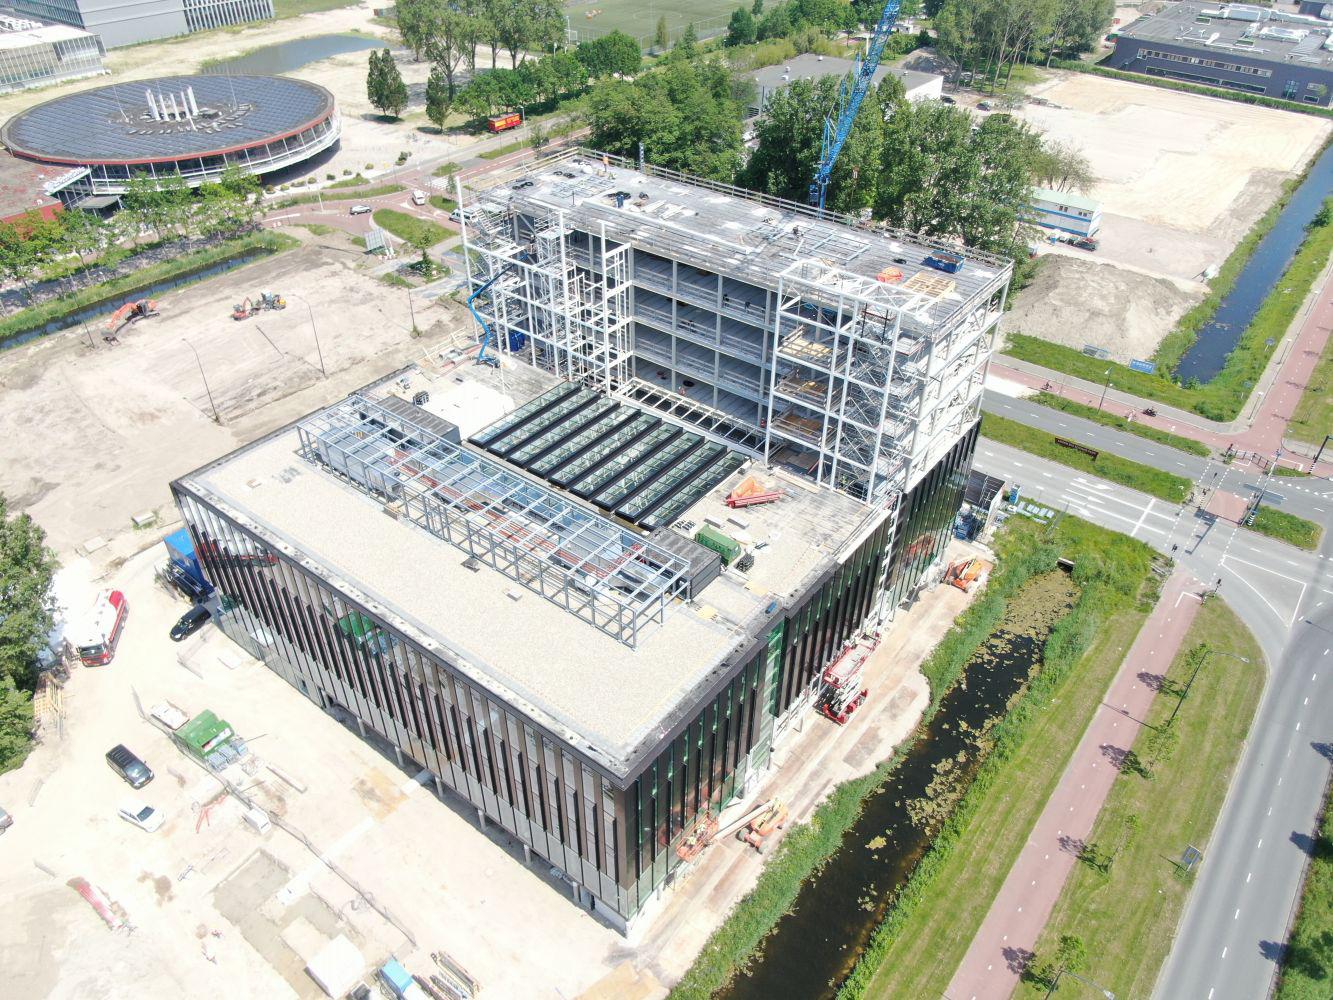 Mijlpalen Plus Ultra Leiden en Plus Ultra Groningen